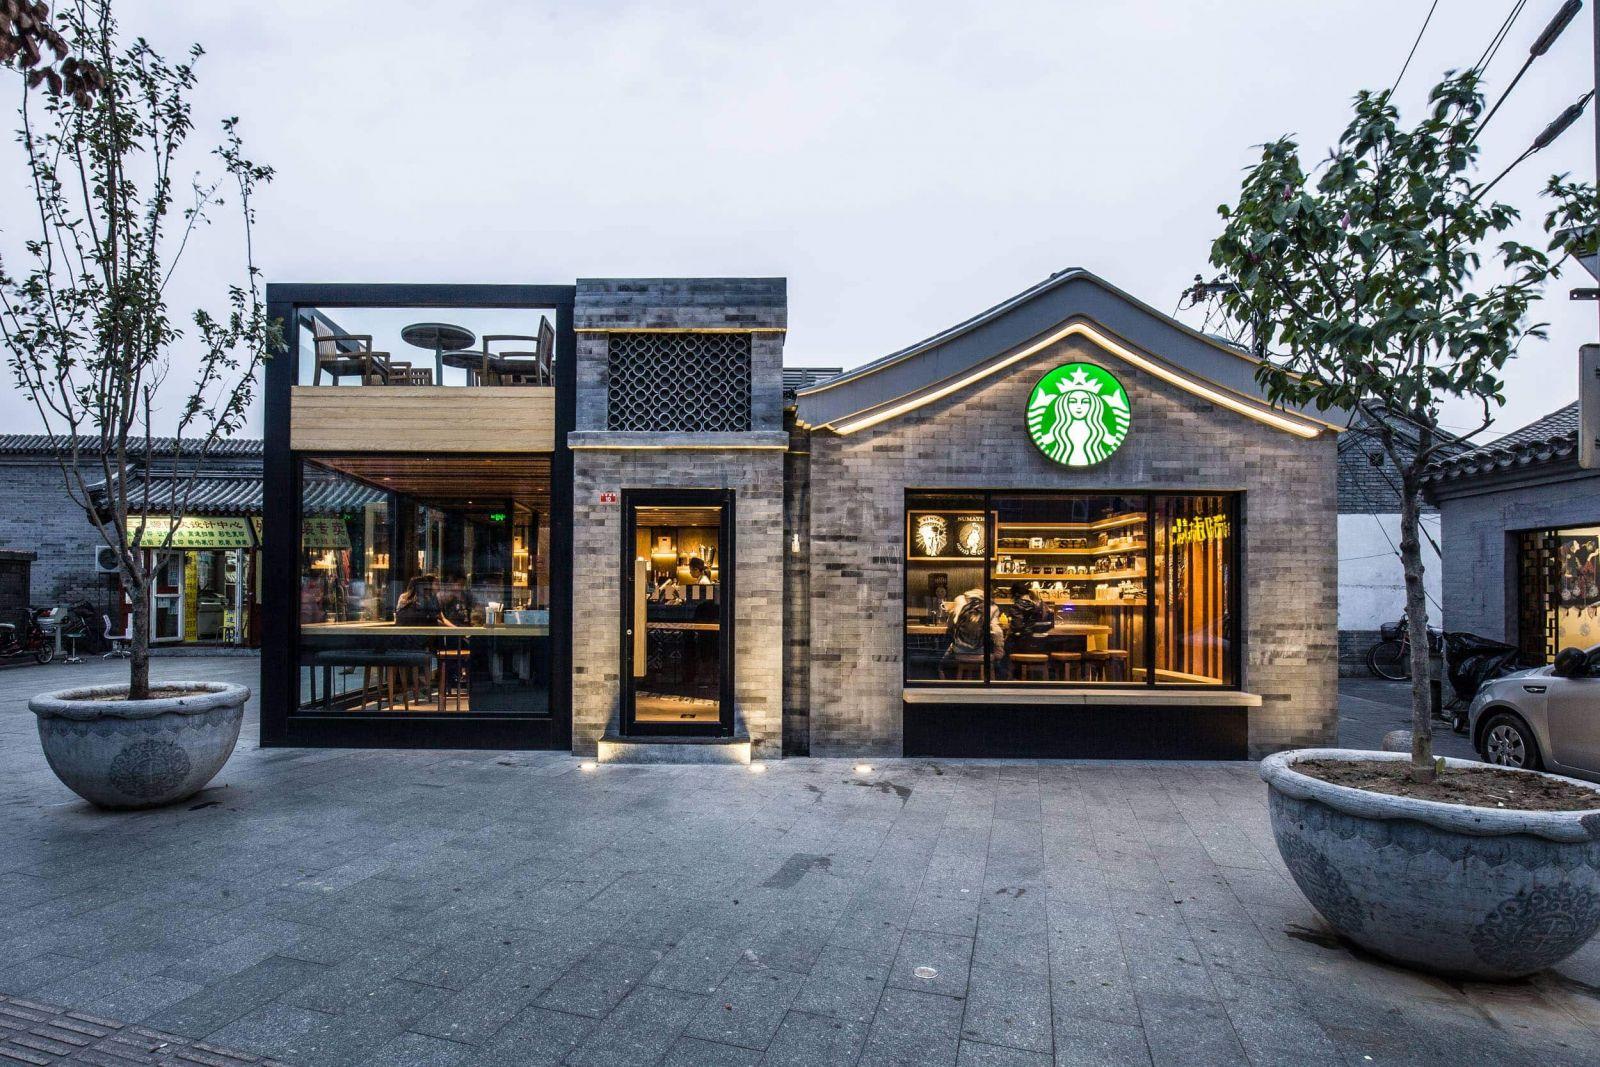 Một cửa hàng Starbucks tại Trung Quốc